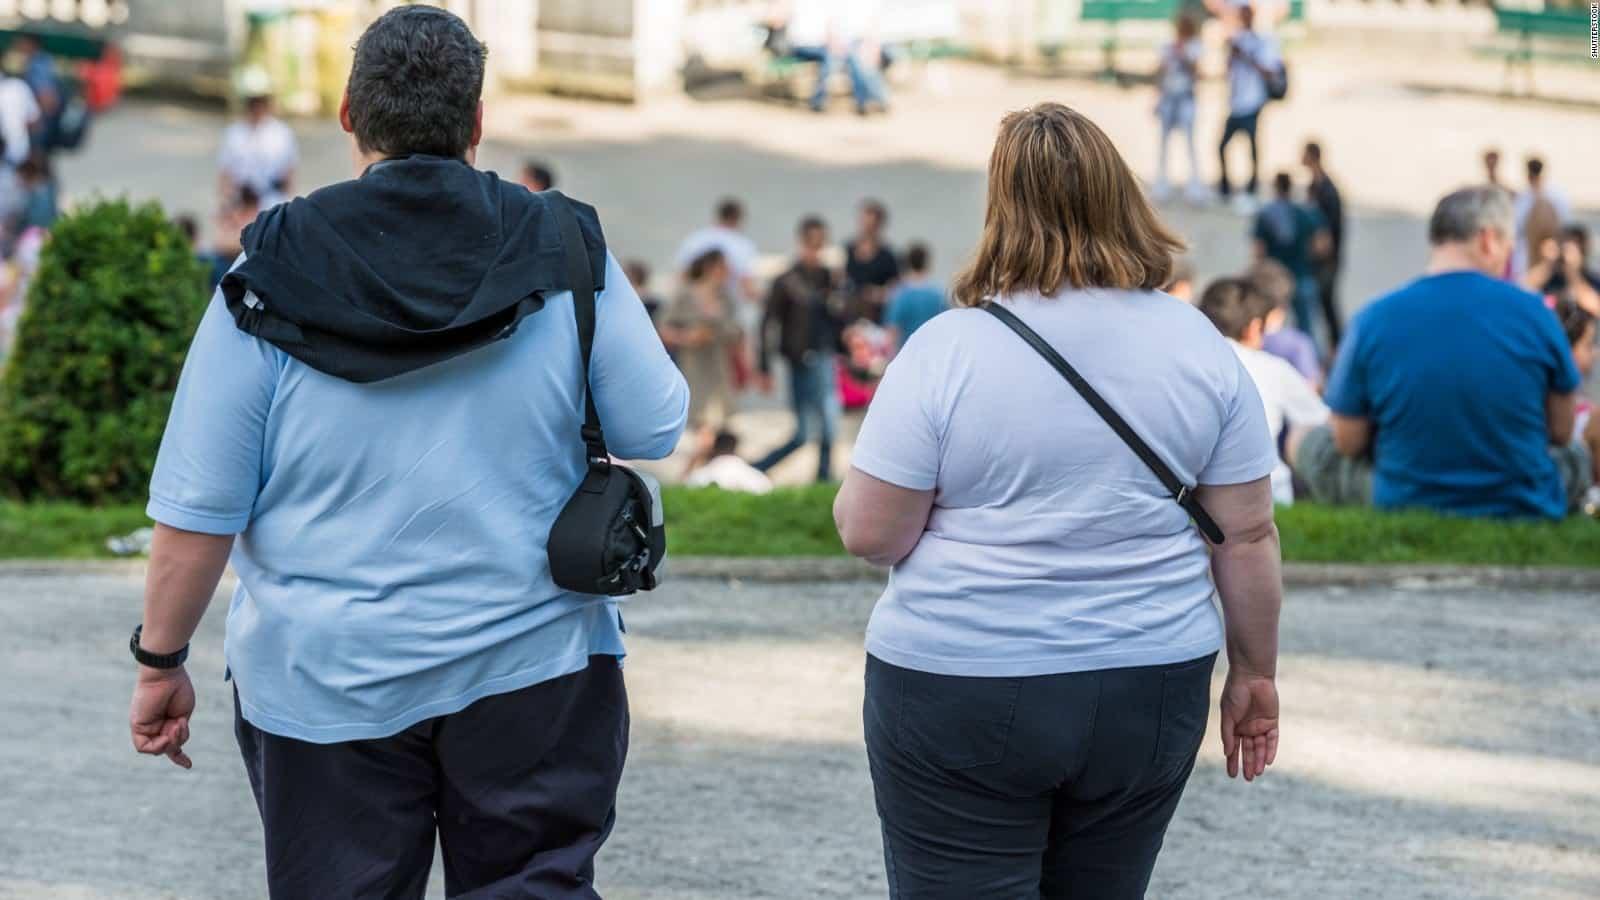 Налог на лишний вес в 2019 году: могут ввести или нет, как будет вычитываться налог на лишний вес